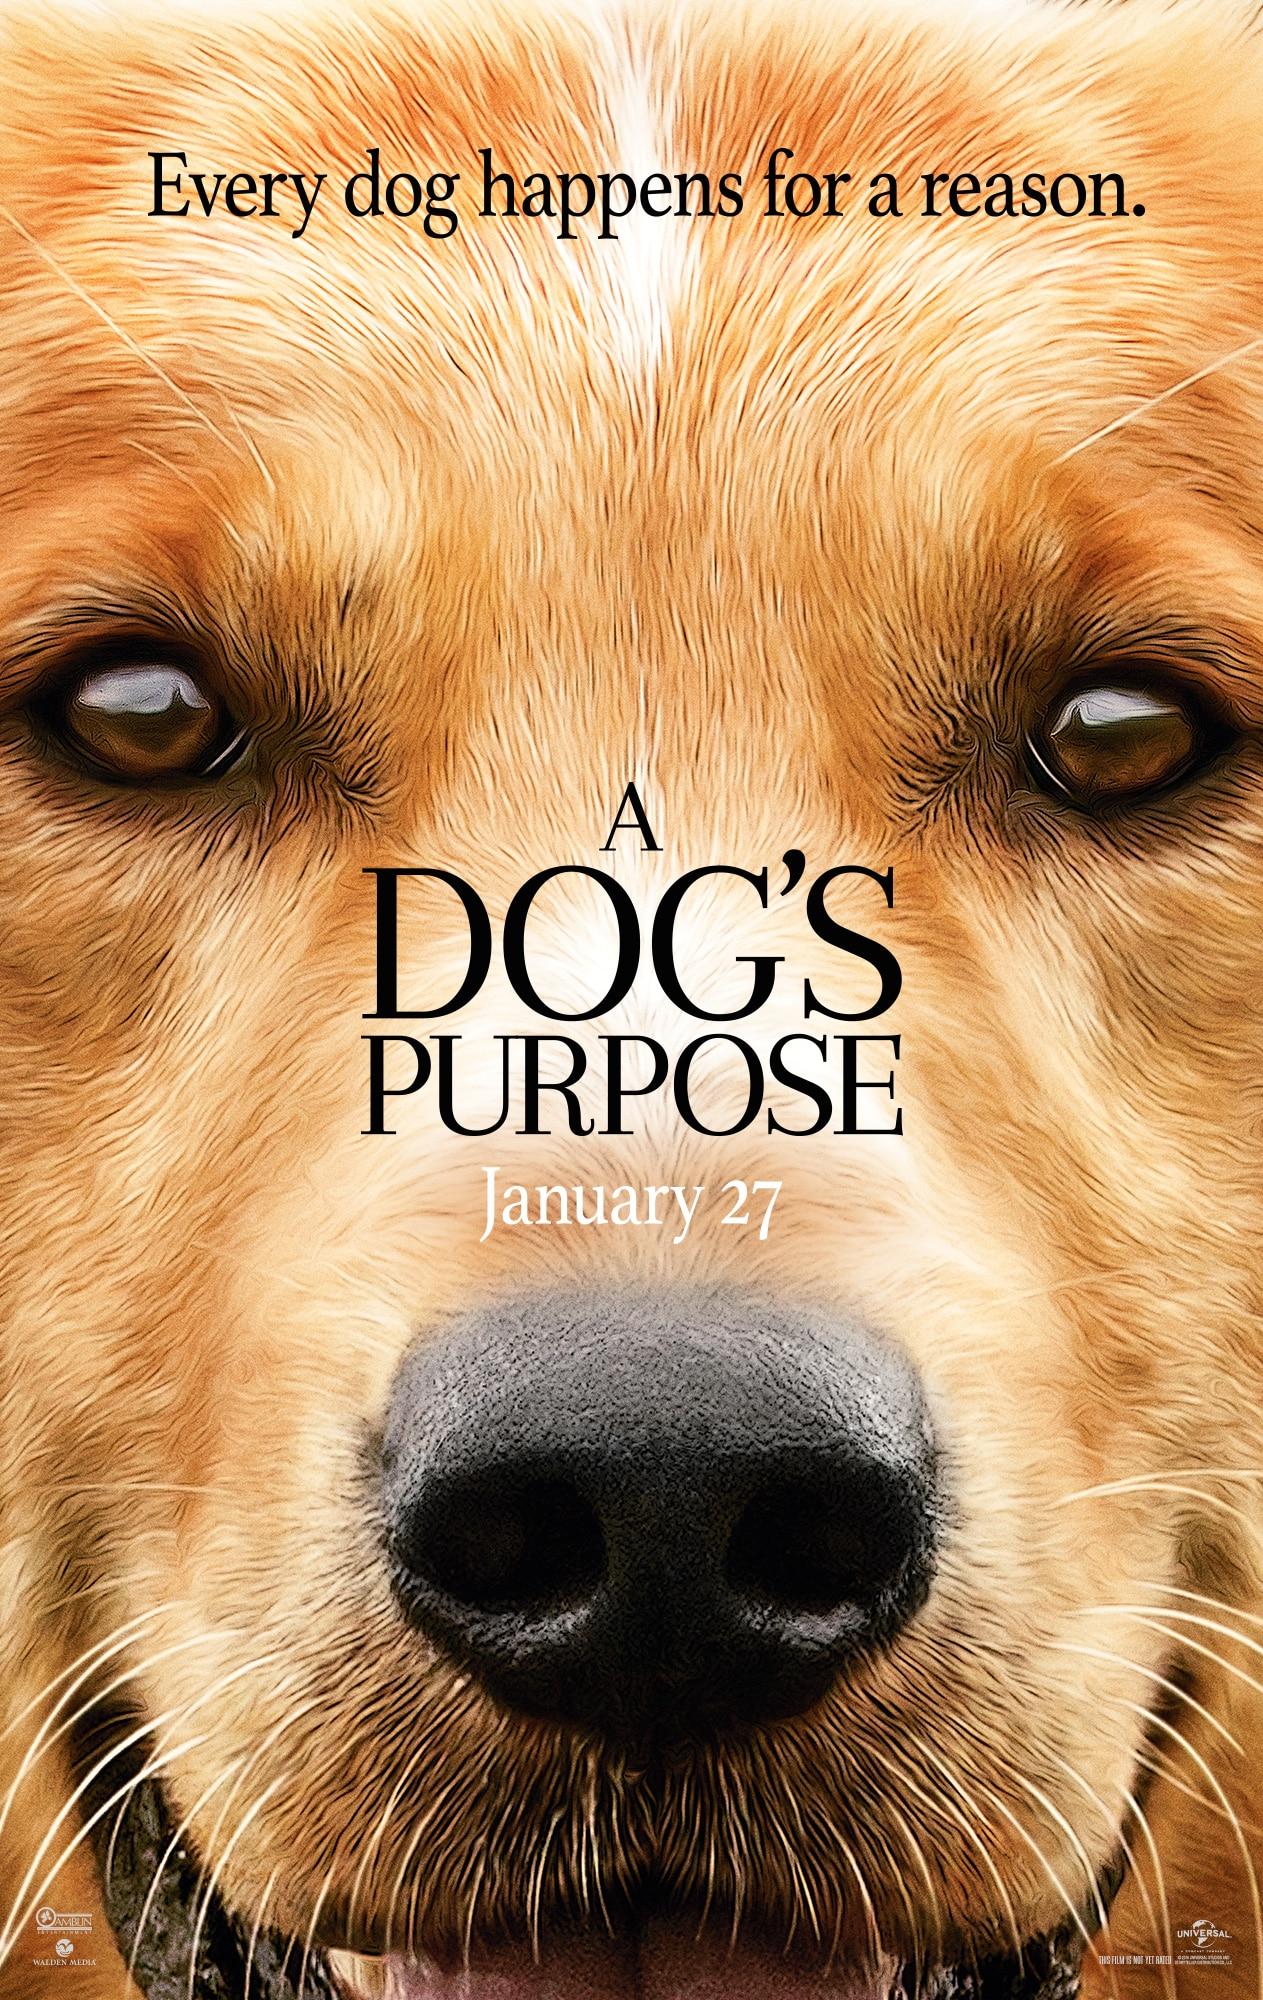 A Dog's Purpose Trailer + Movie Detials | ThisNThatwithOlivia.com #ADogsPurpose